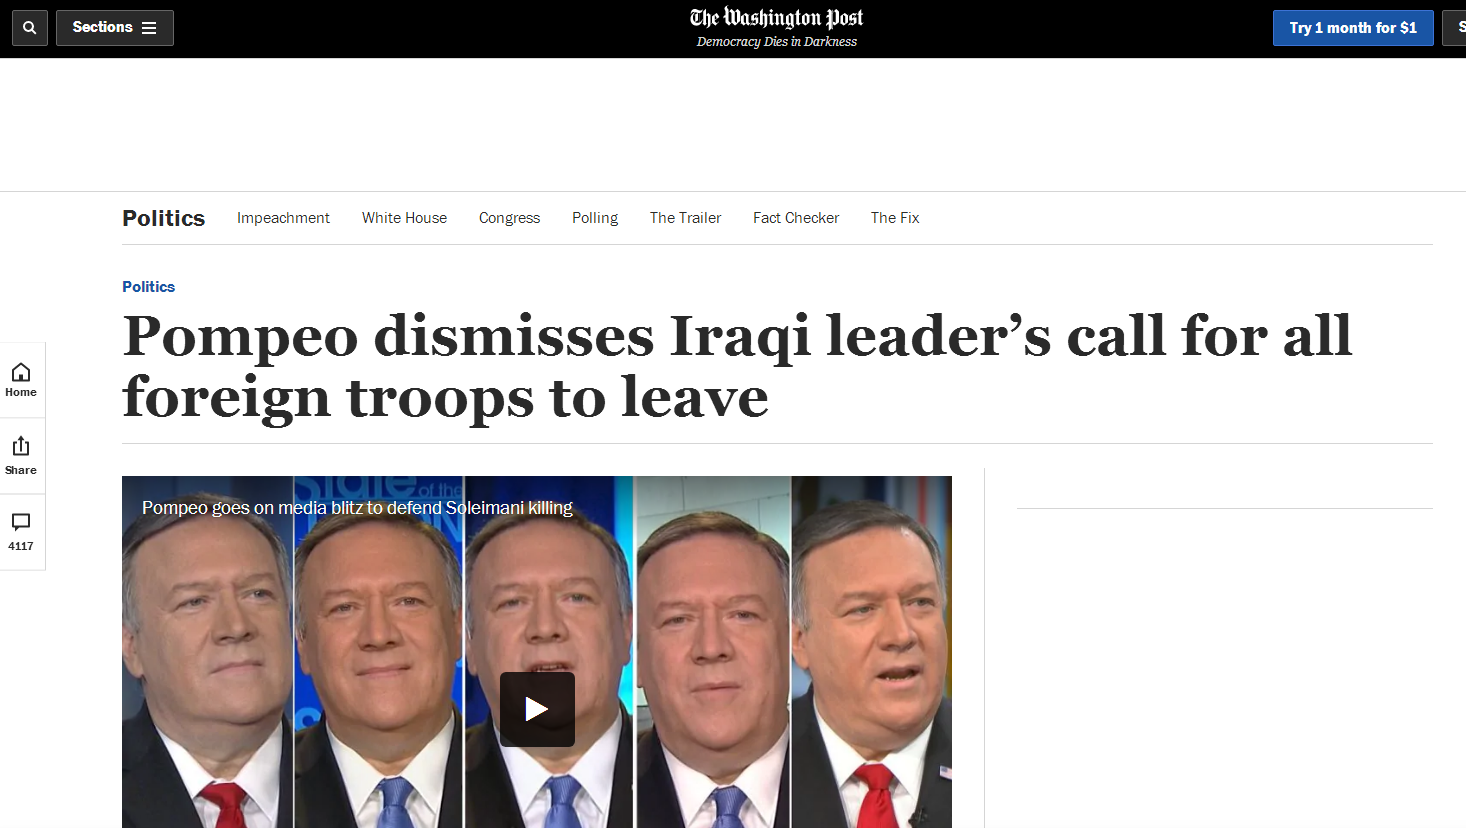 伊拉克议会要求外国军队撤出,蓬佩奥不屑:我们会继续留在那里_伊拉克政府